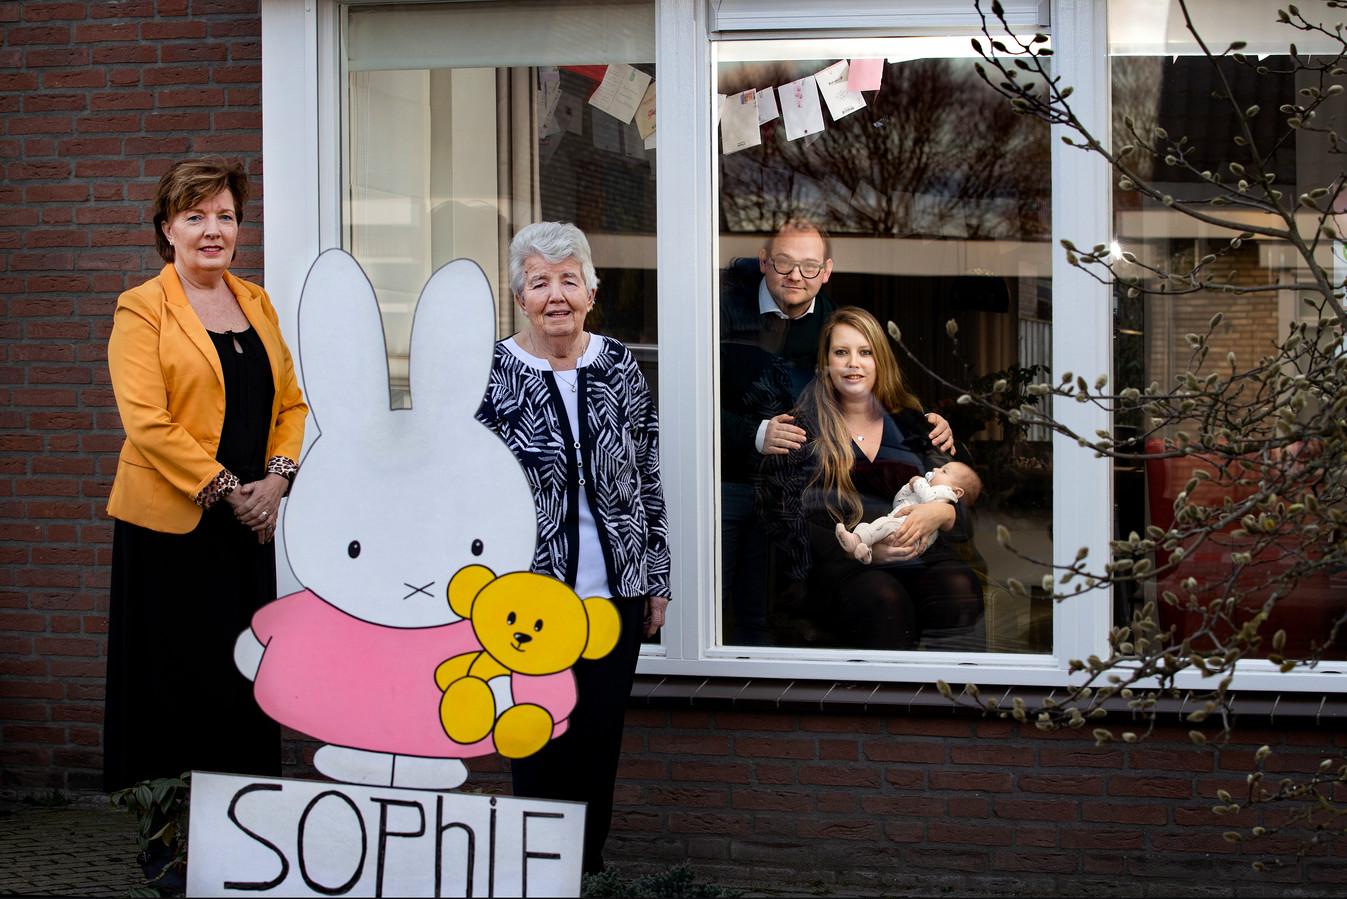 De familie Verhees uit Milheeze met twee oma's en pasgeboren dochtertje Sophie. Door de coronamaatregelen mochten de oma's hun kleinkind nog niet vasthouden.